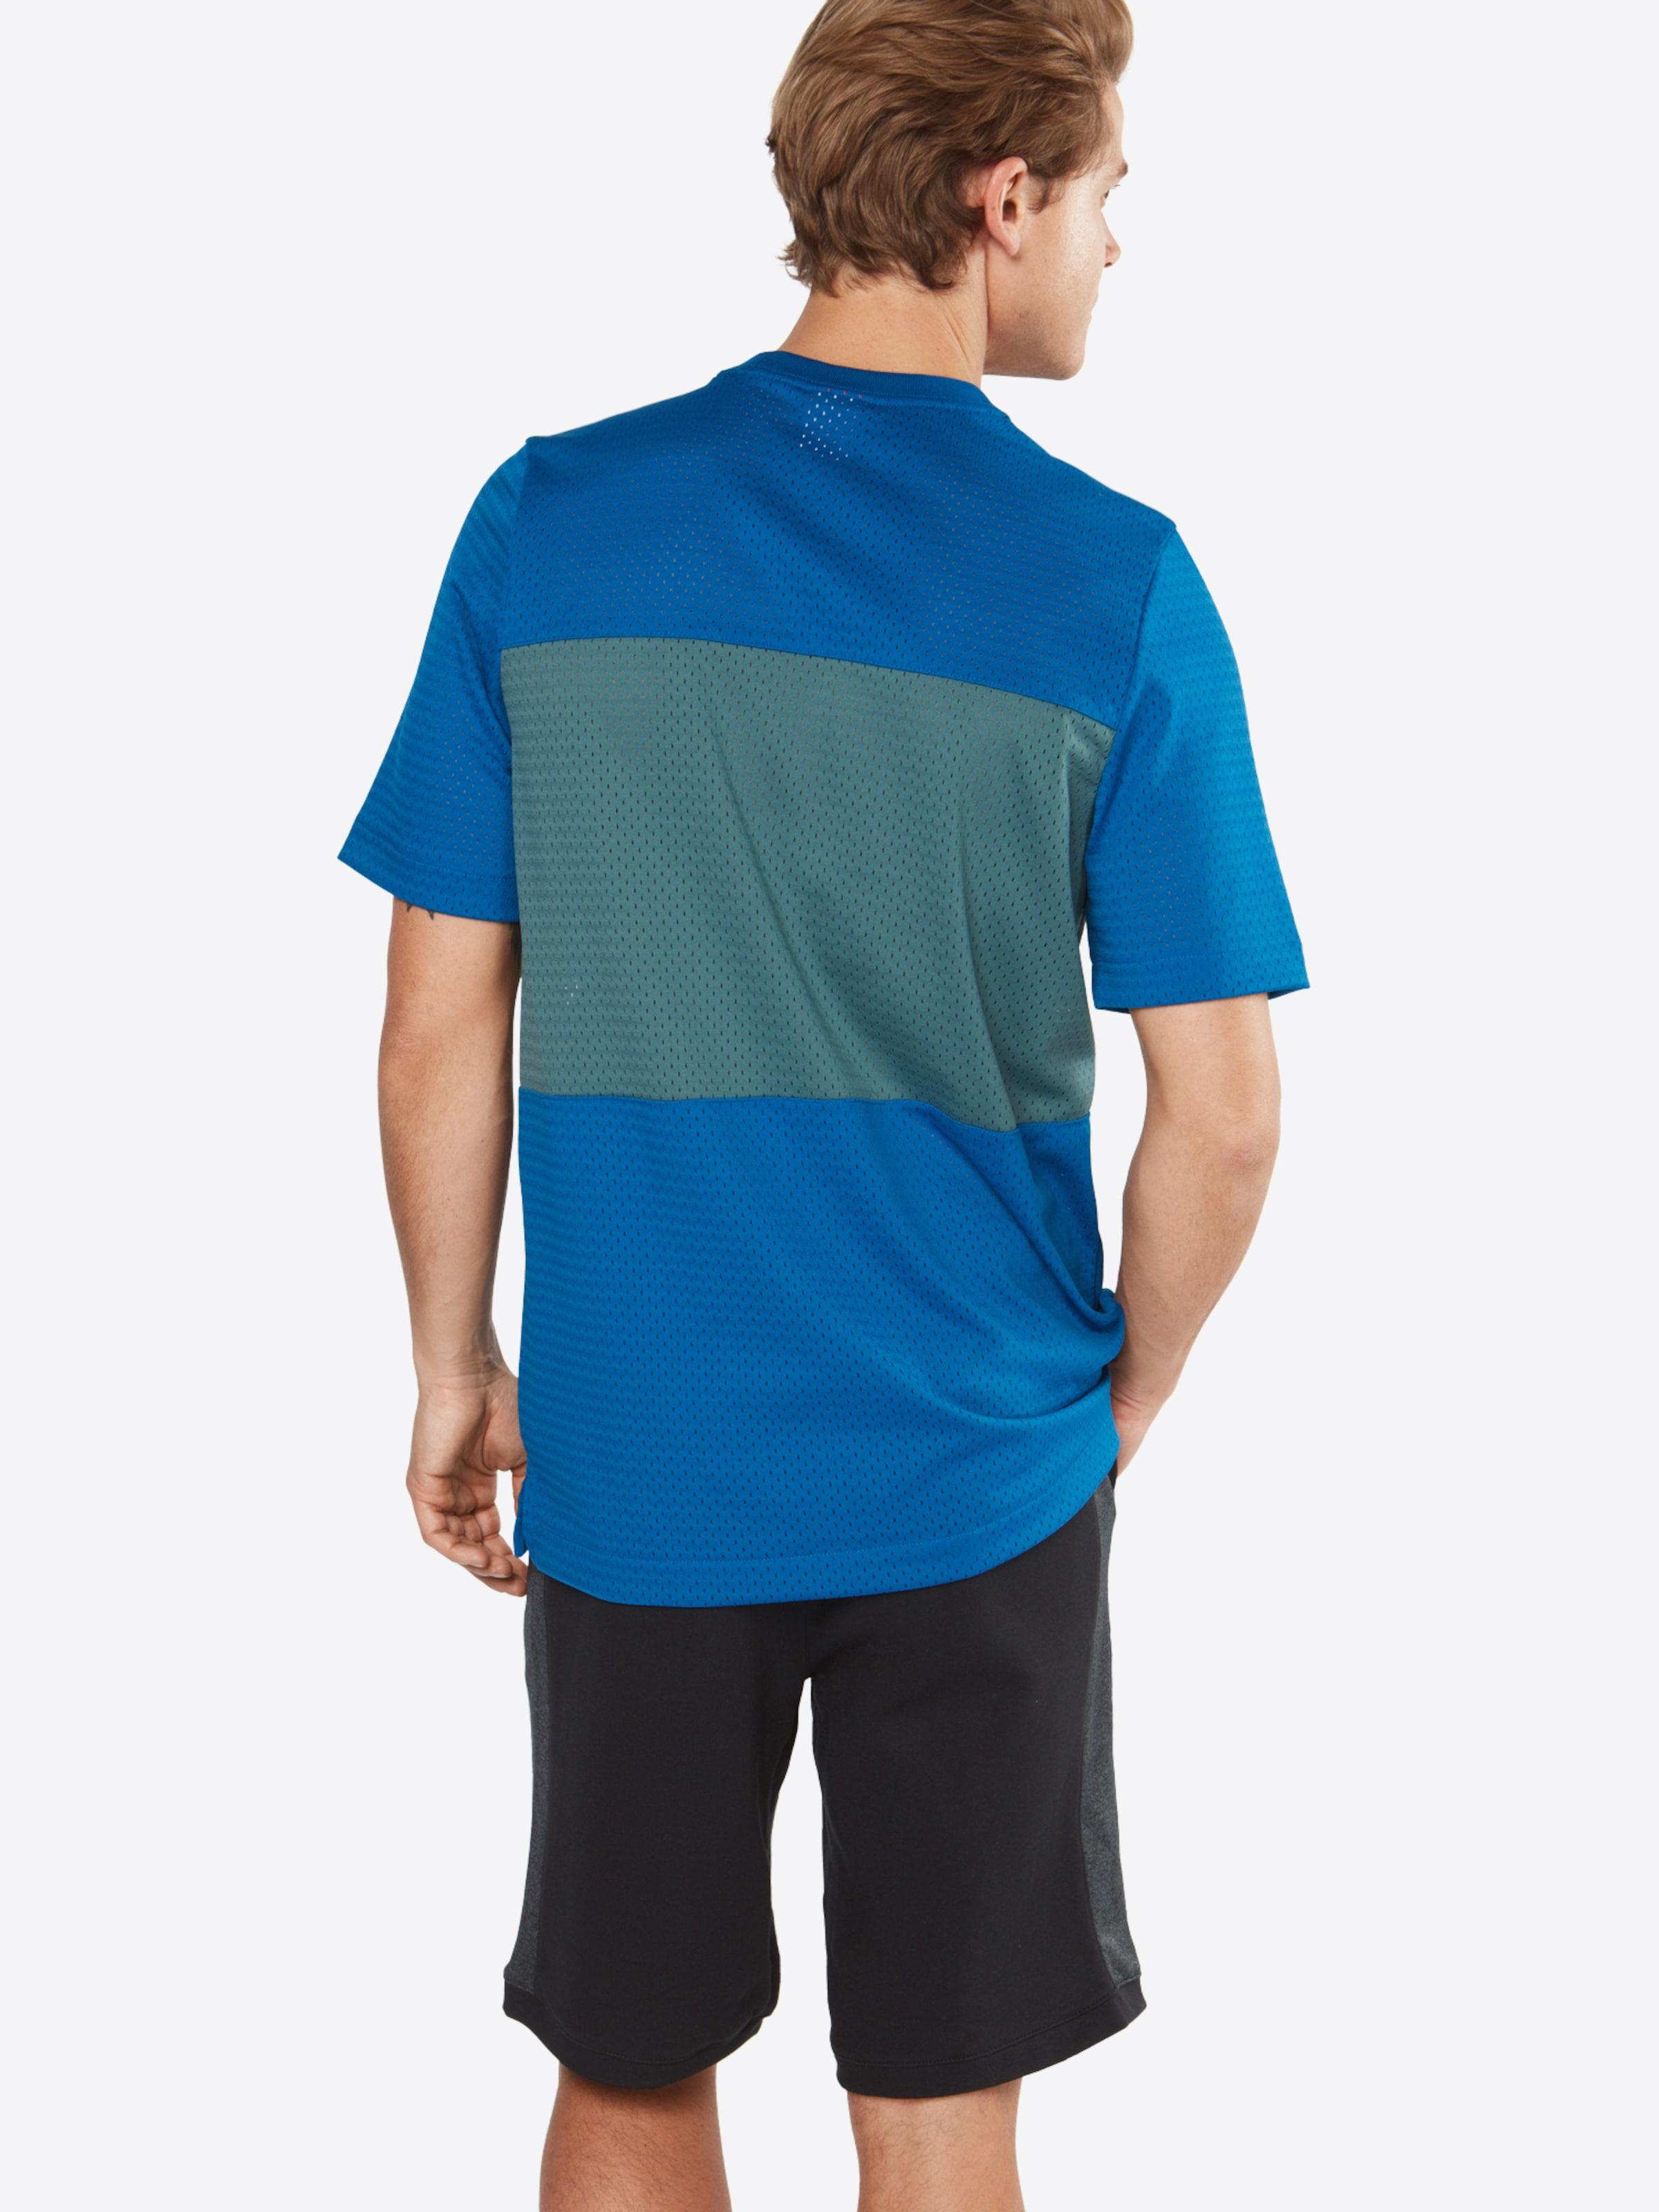 Rabatt Billig Nike Sportswear Shirt 'M NSW N TOP NIKE AIR SS' Mit Visum Günstig Online Bezahlen Steckdose Footaction Erhalten Günstig Online Kaufen Günstiger Preis kmL5hU